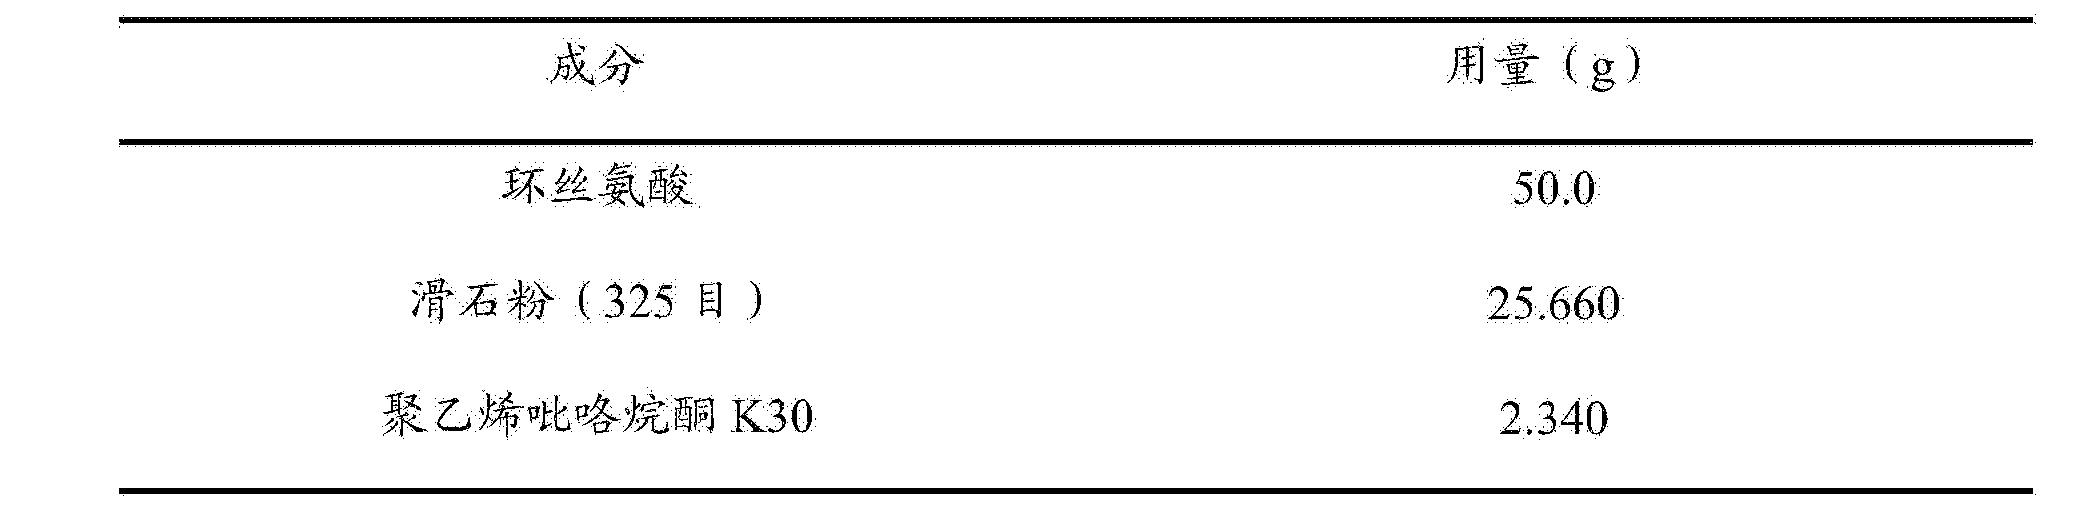 Figure CN105476976BD00141